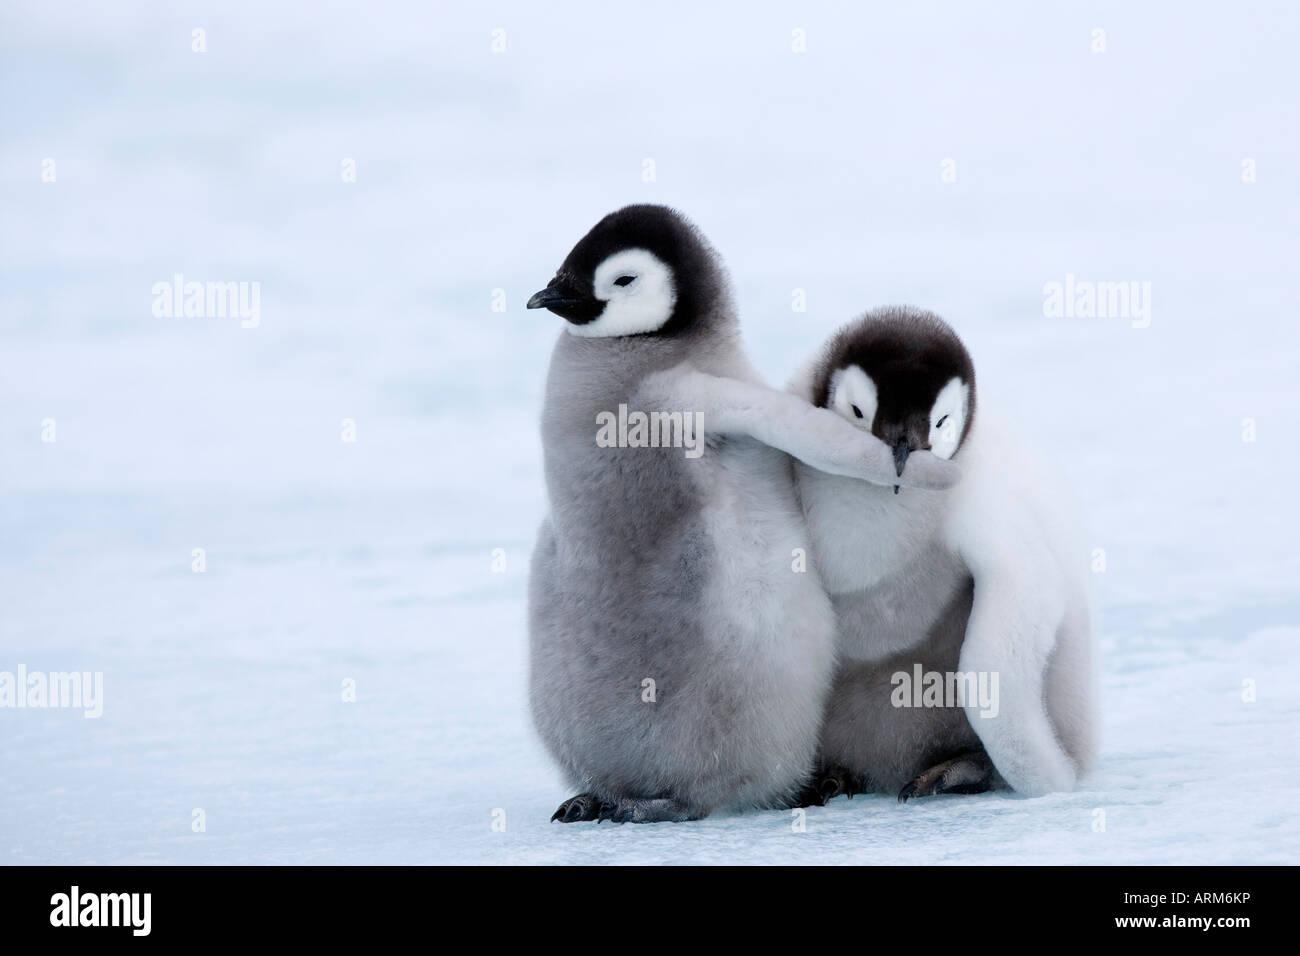 Pinguino imperatore pulcini (Aptenodytes forsteri), Snow Hill Island, Mare di Weddell, Antartide, regioni polari Immagini Stock